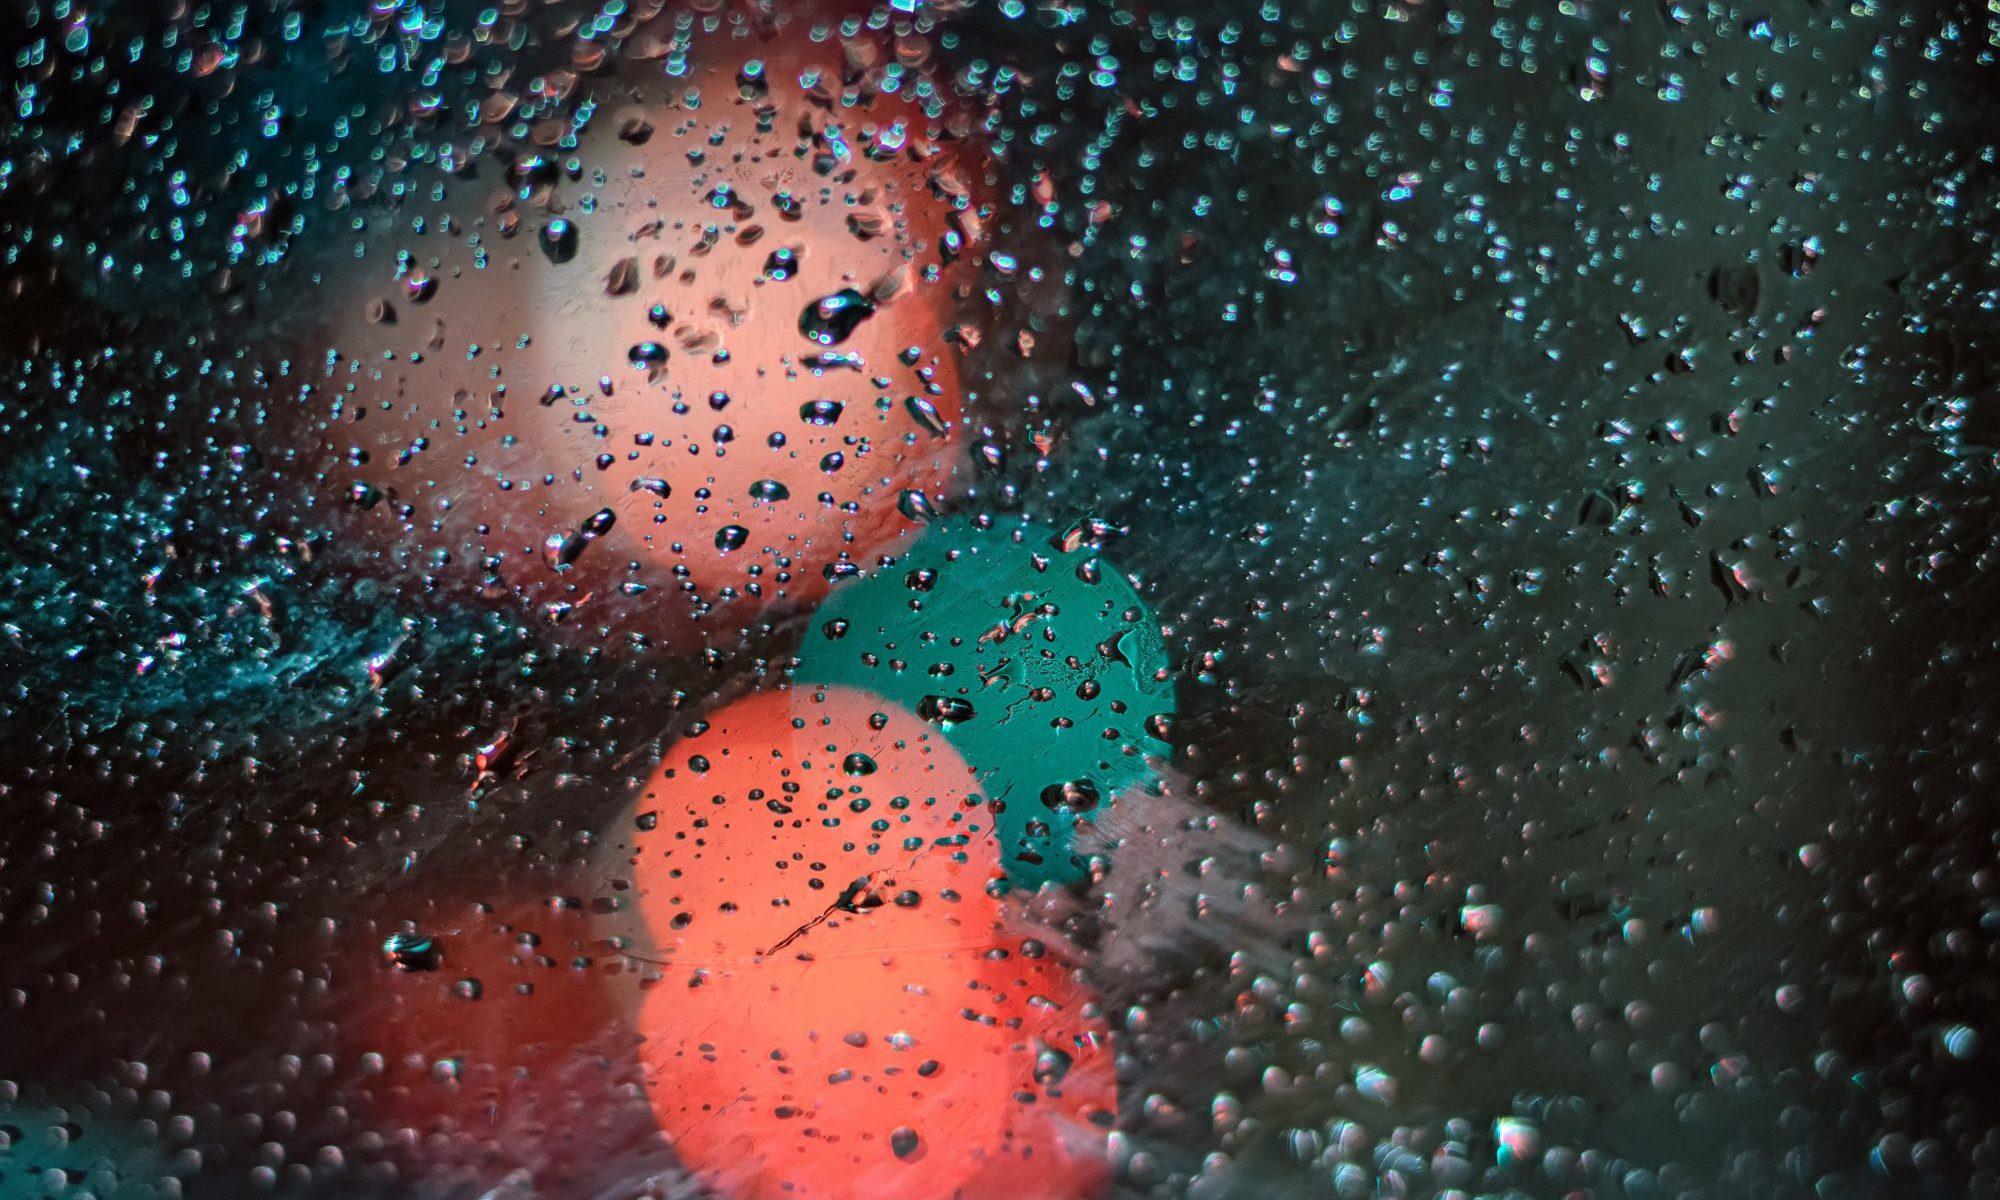 ガラスにつく雨